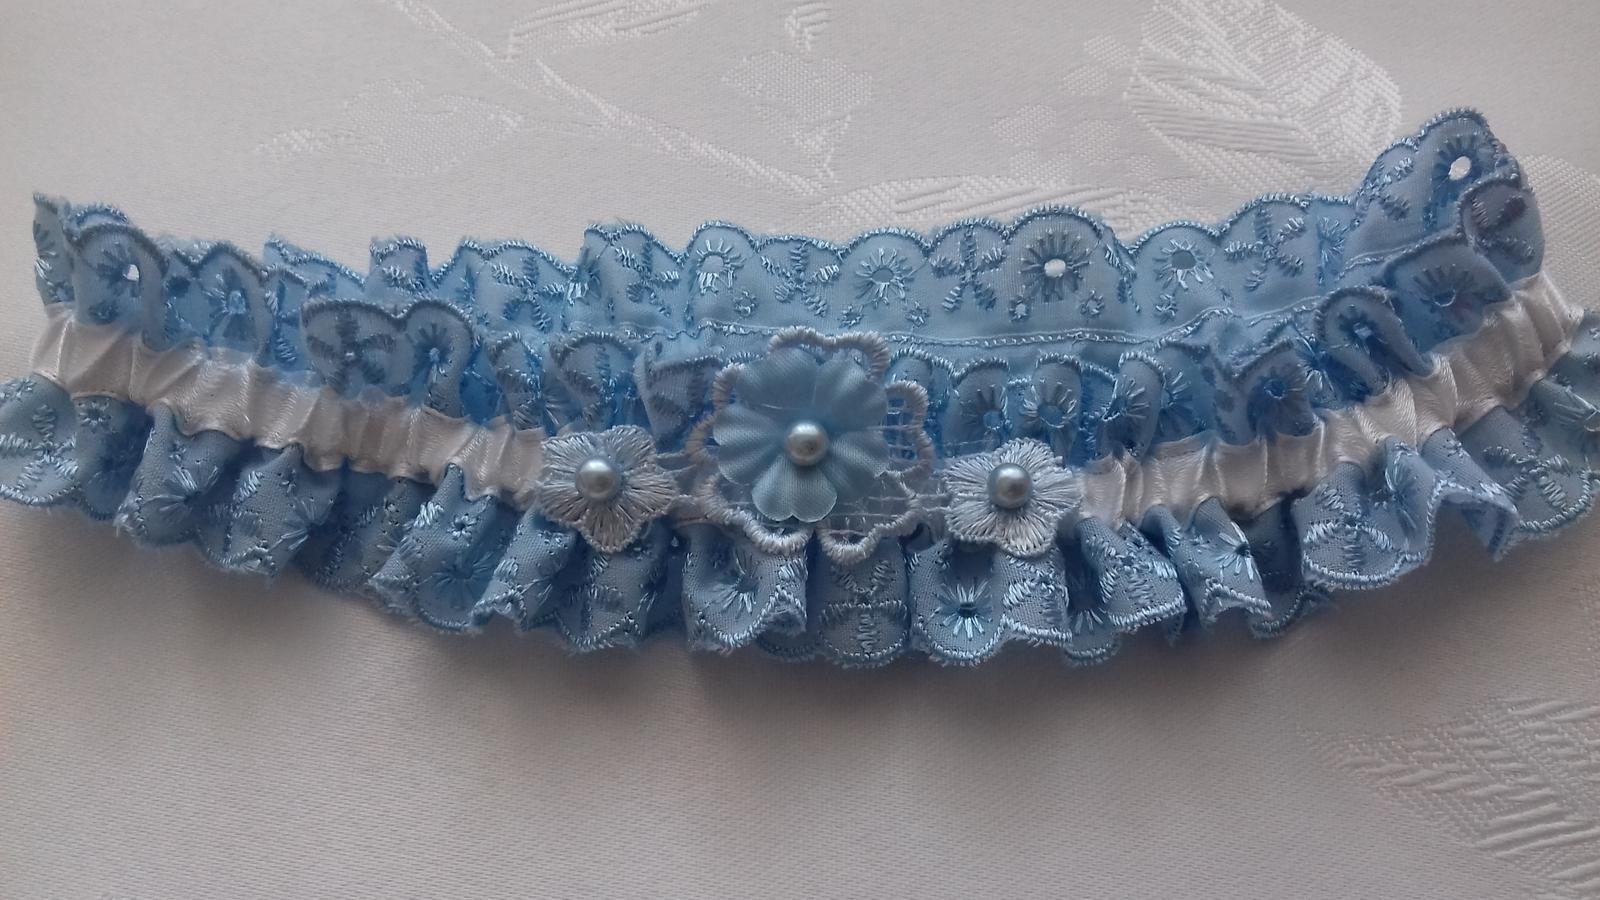 podvazek modrý - Obrázek č. 4